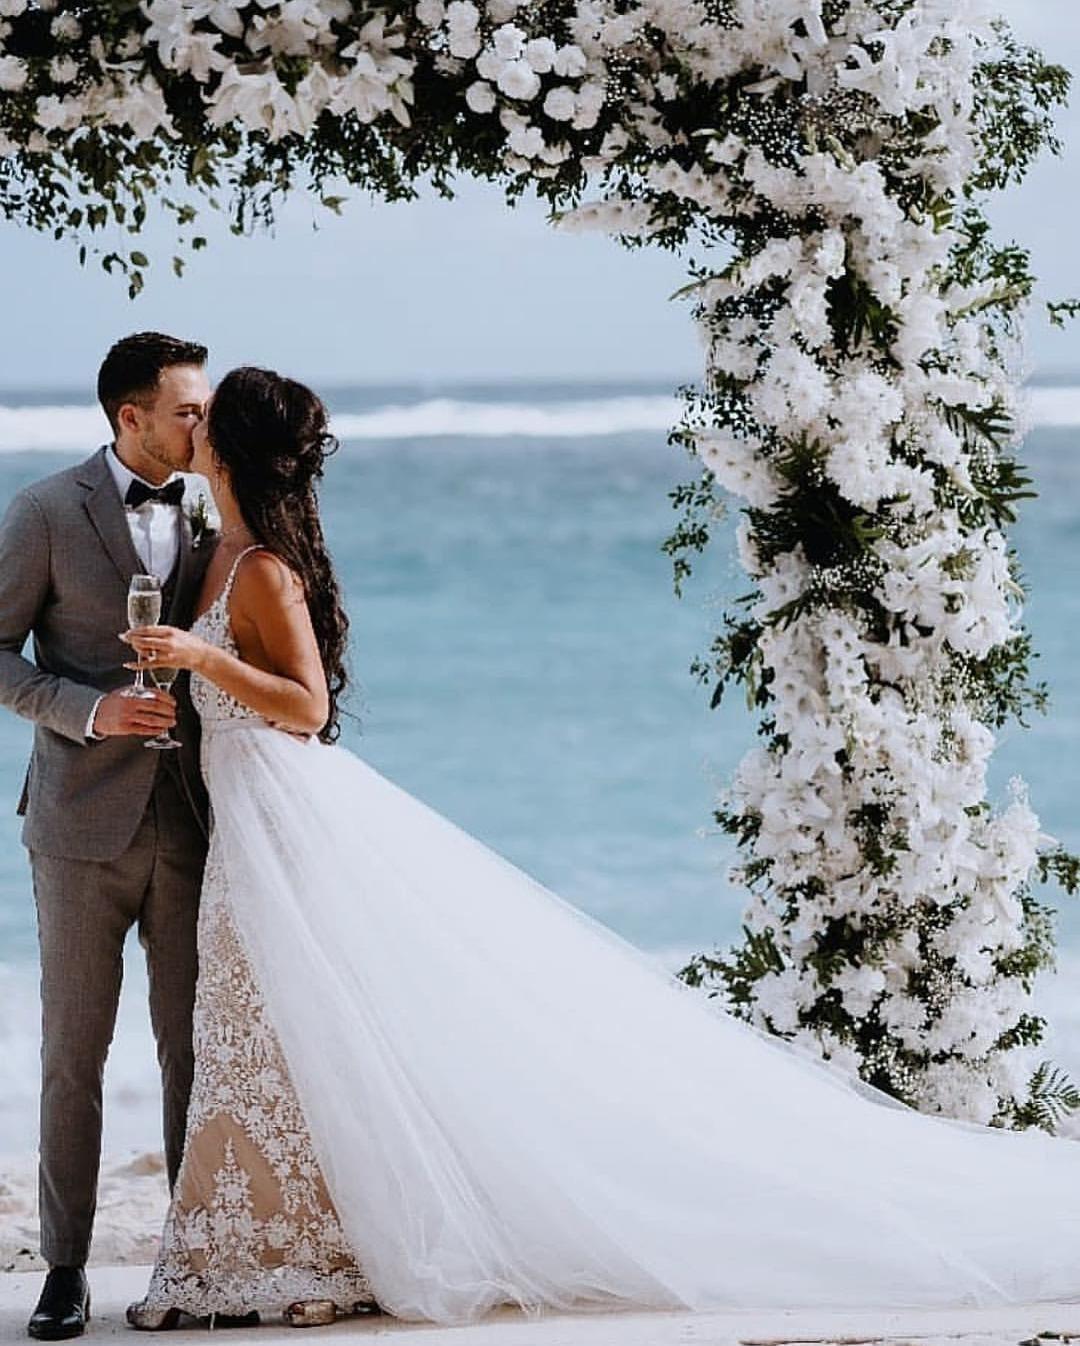 Unusual Wedding